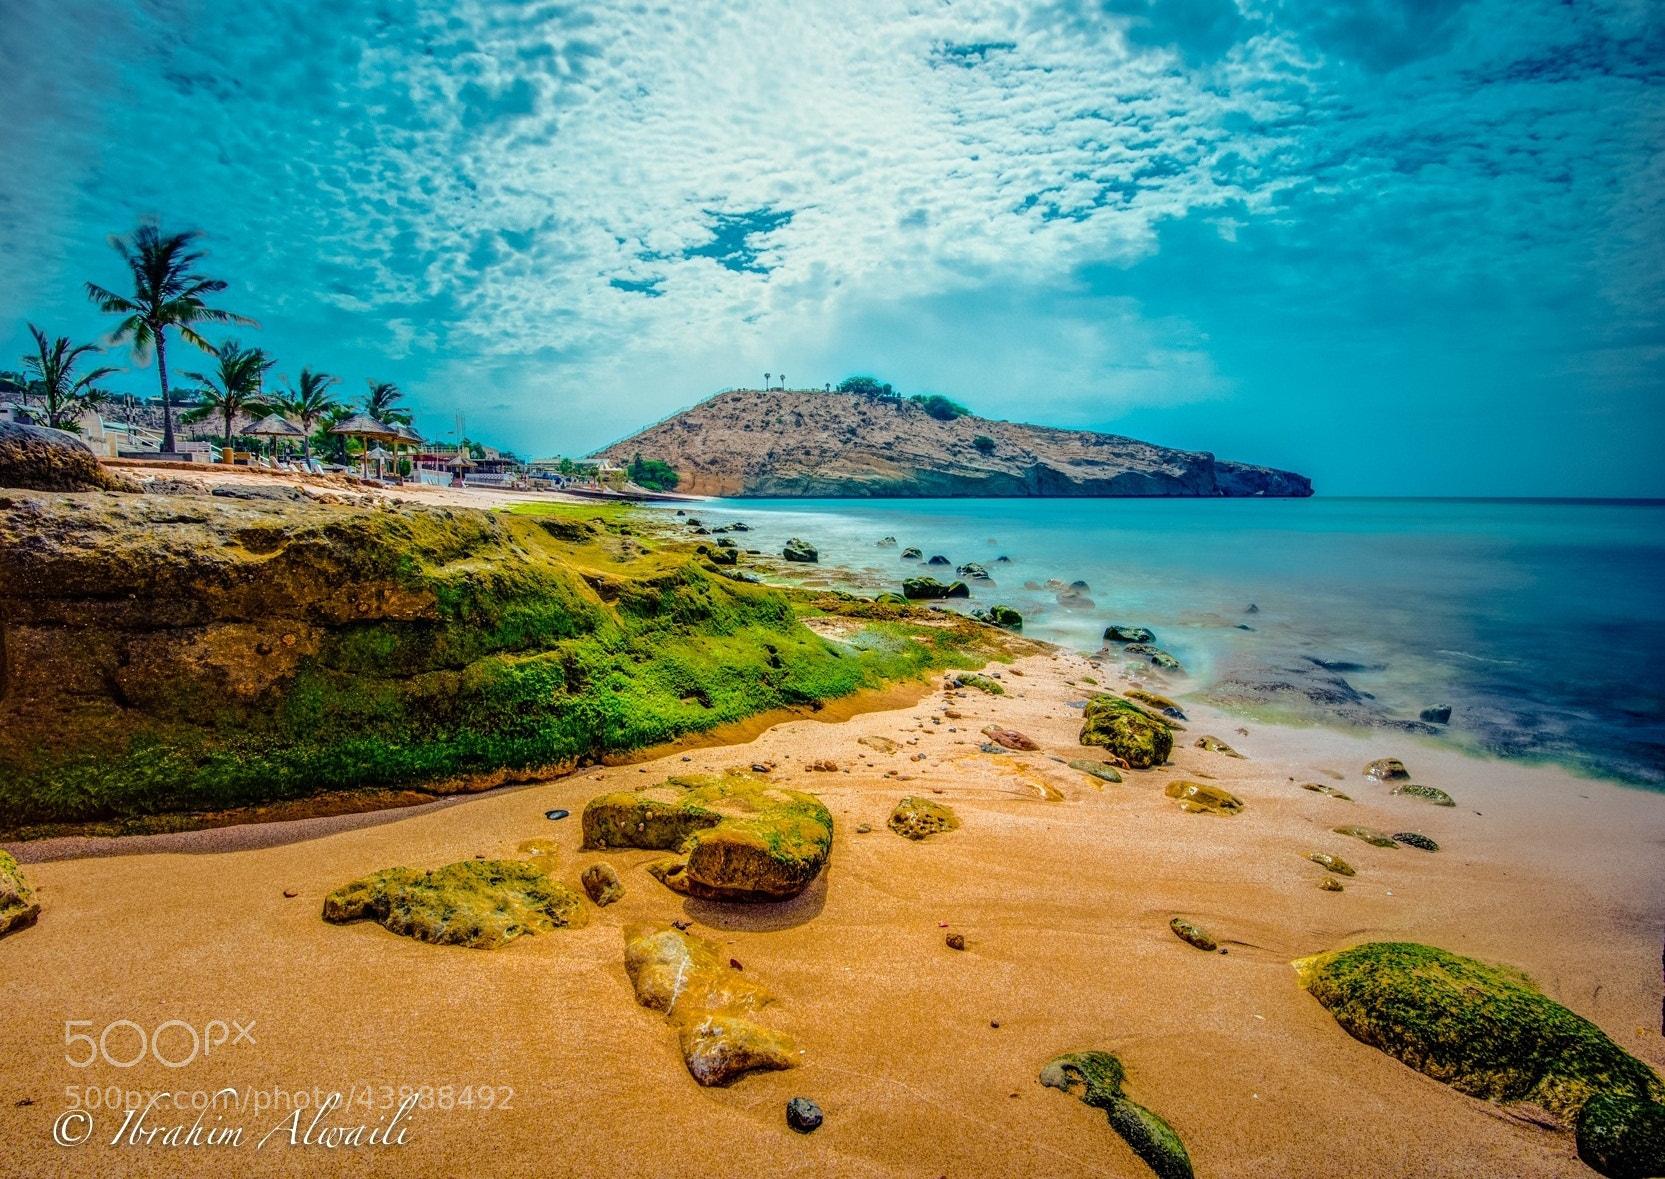 Photograph Dream beach by Ibrahim AlWaili on 500px